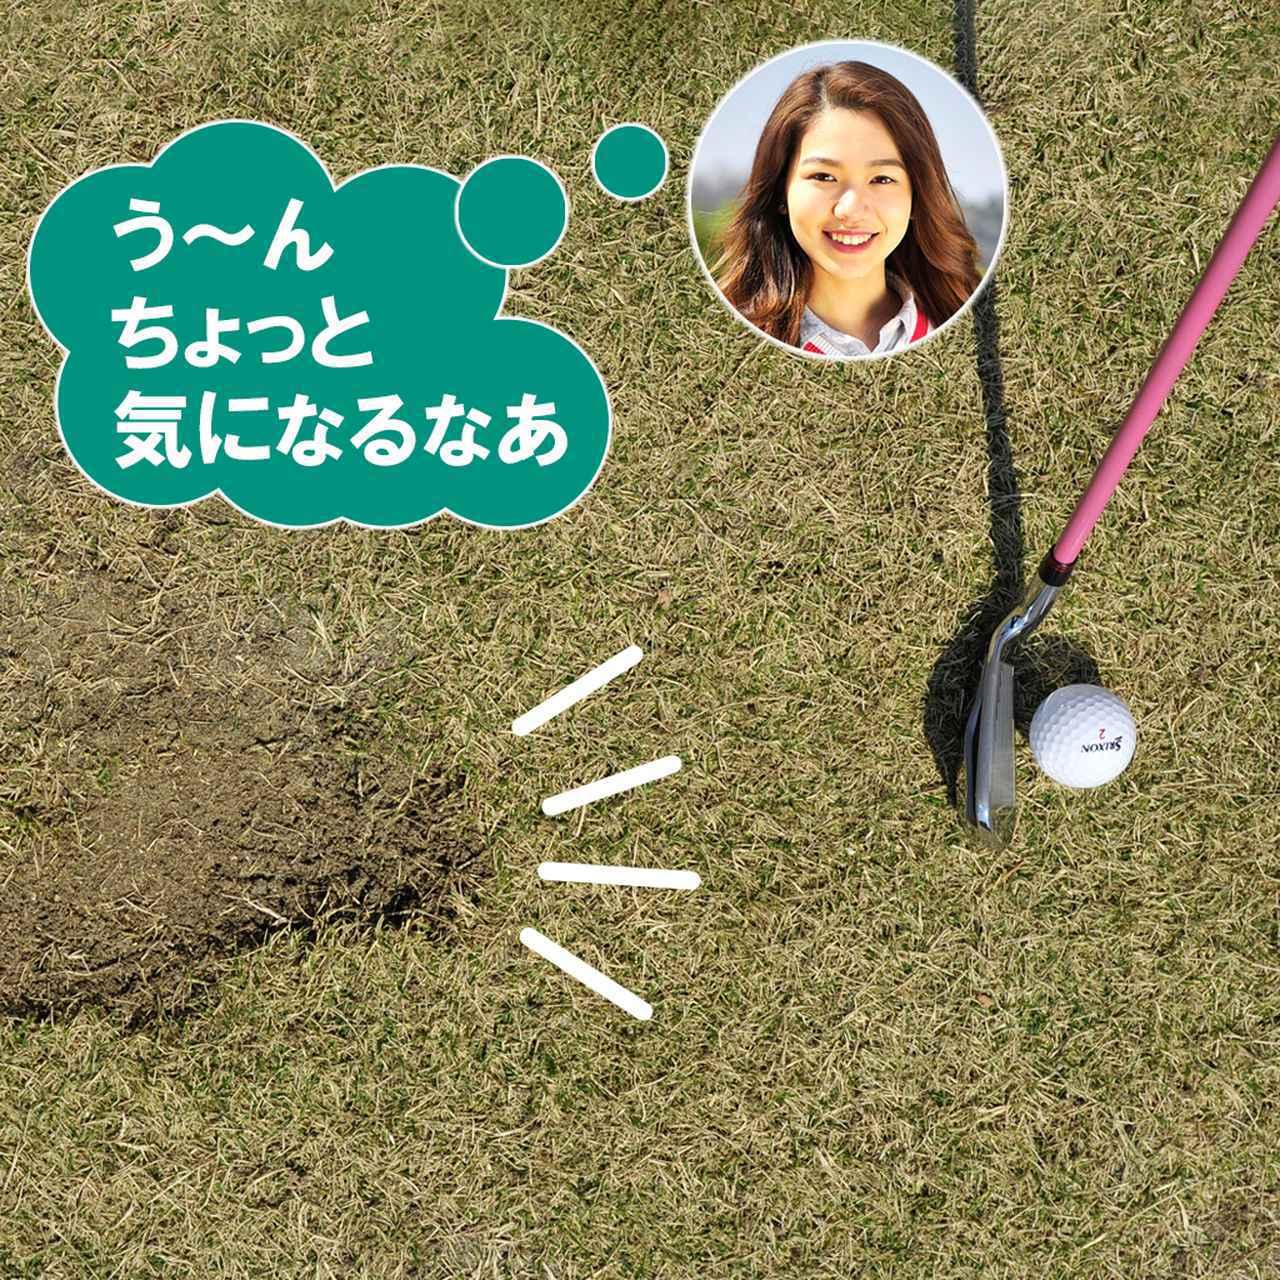 画像2: 【新ルール】ティショットを打つ前に目土して地面を均した。スウィング区域の改善になる?